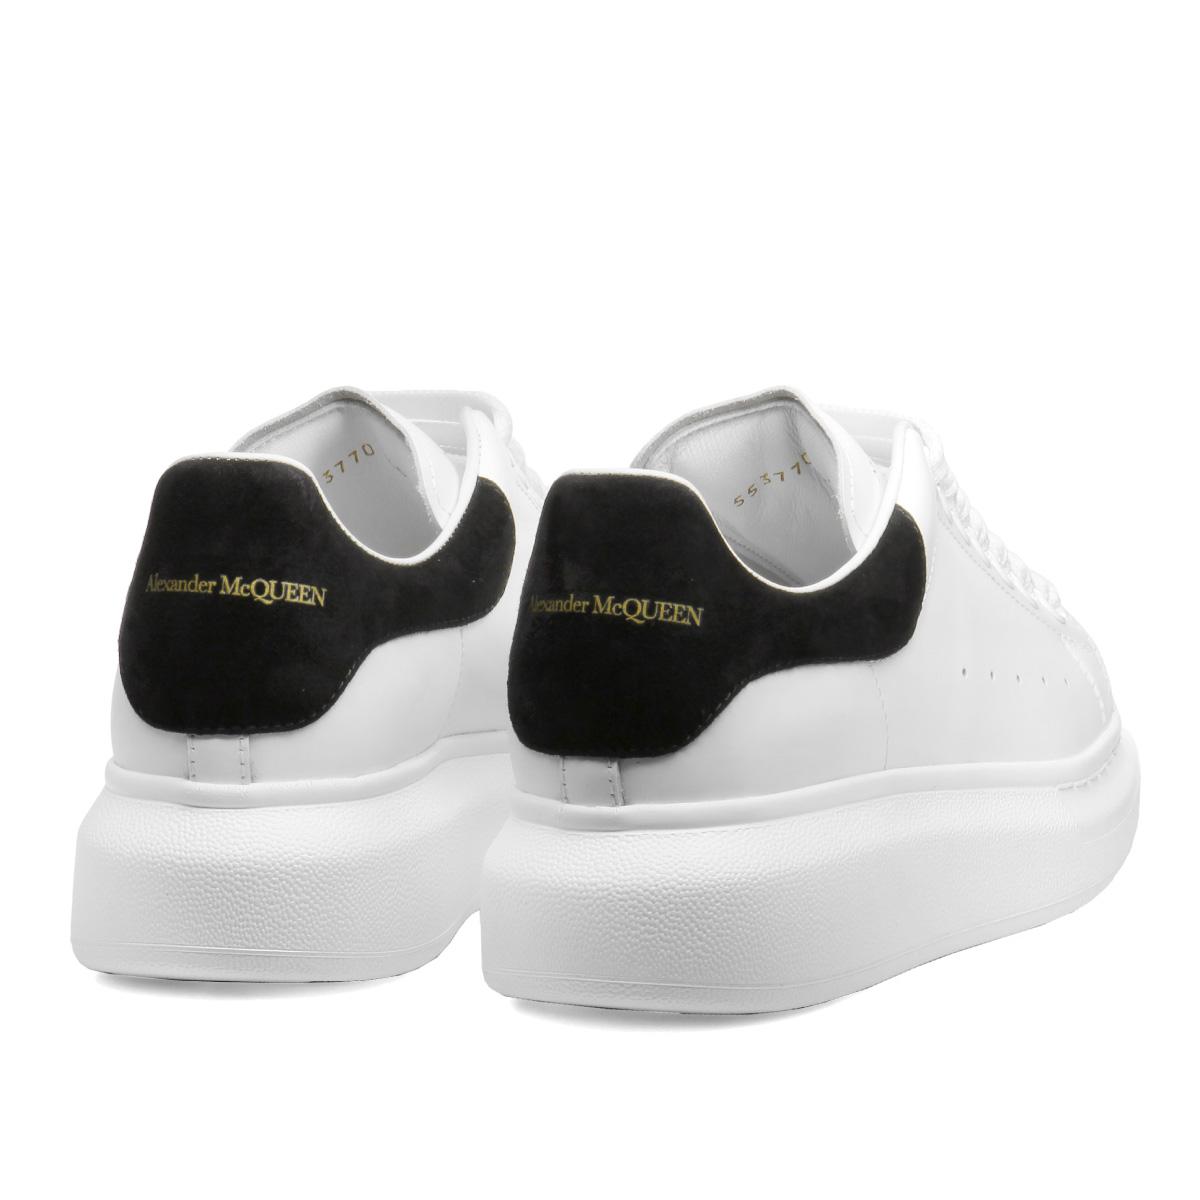 new season alexander mcqueen sneakers